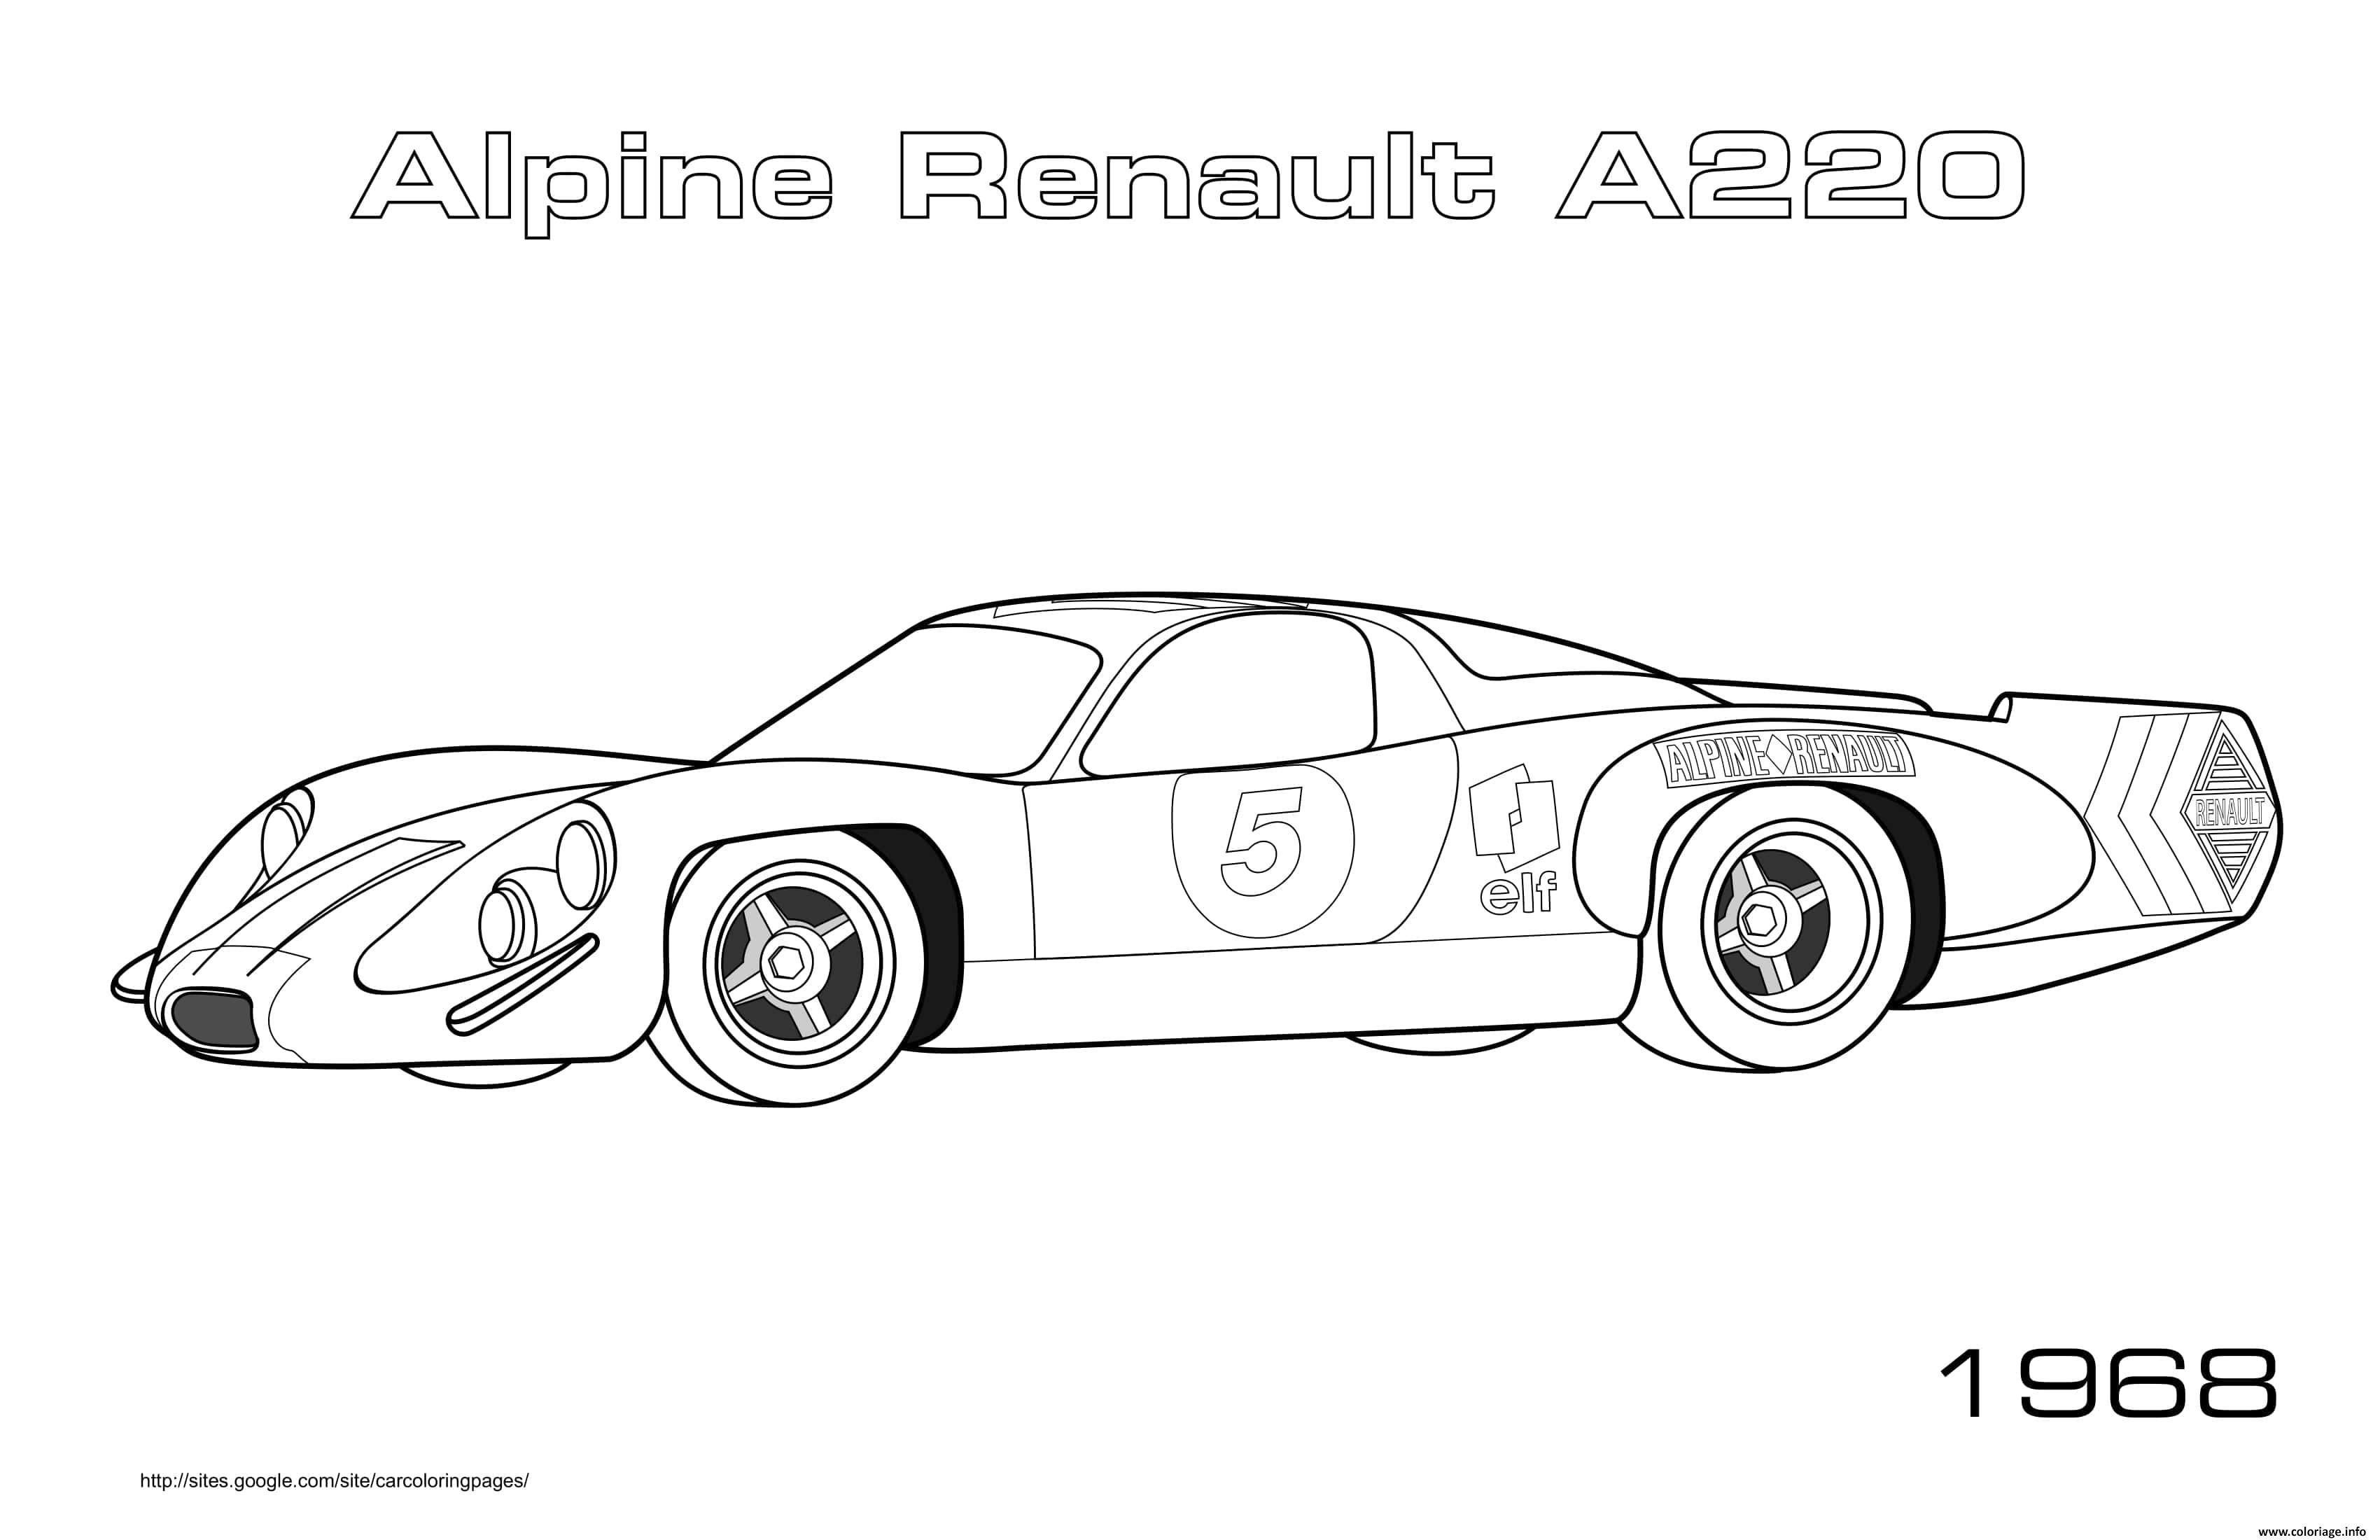 Dessin Alpine Renault A220 1968 Coloriage Gratuit à Imprimer